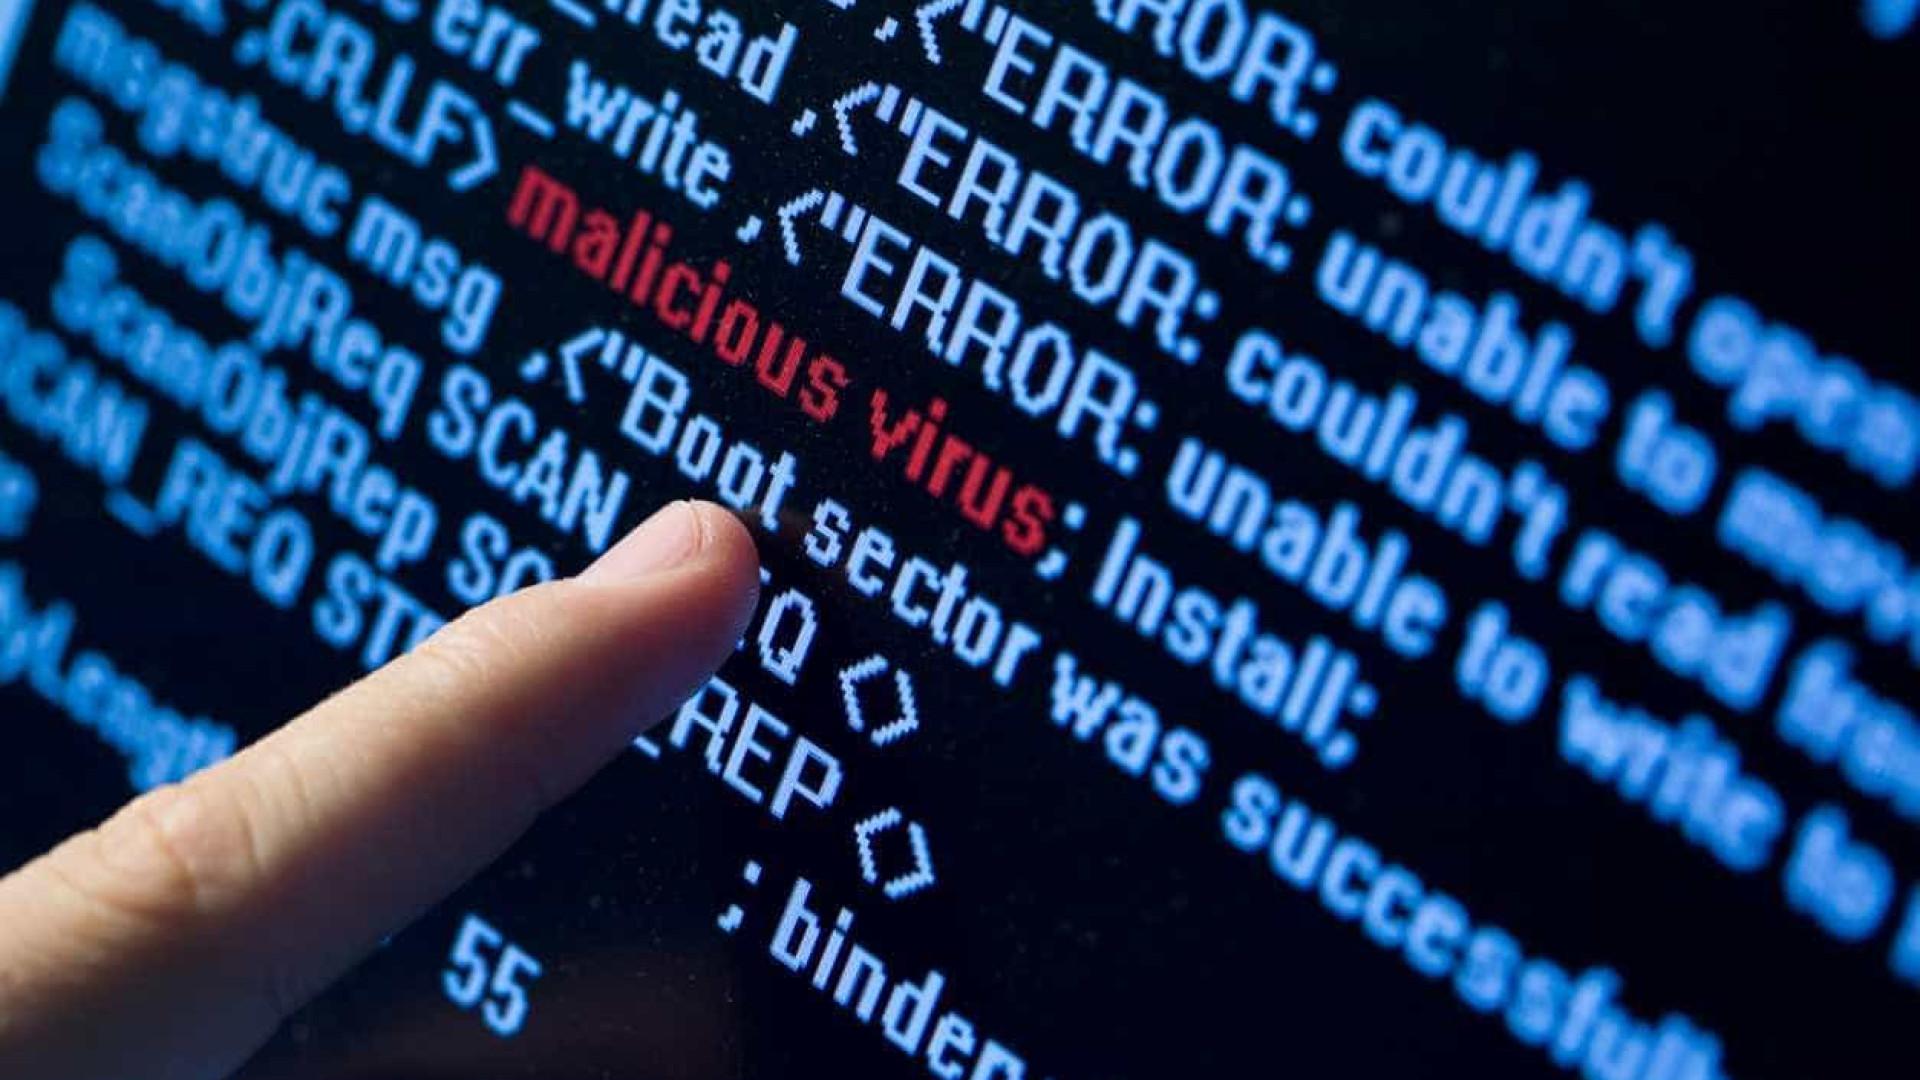 Investigadores injetam malware no ADN para invadir computador